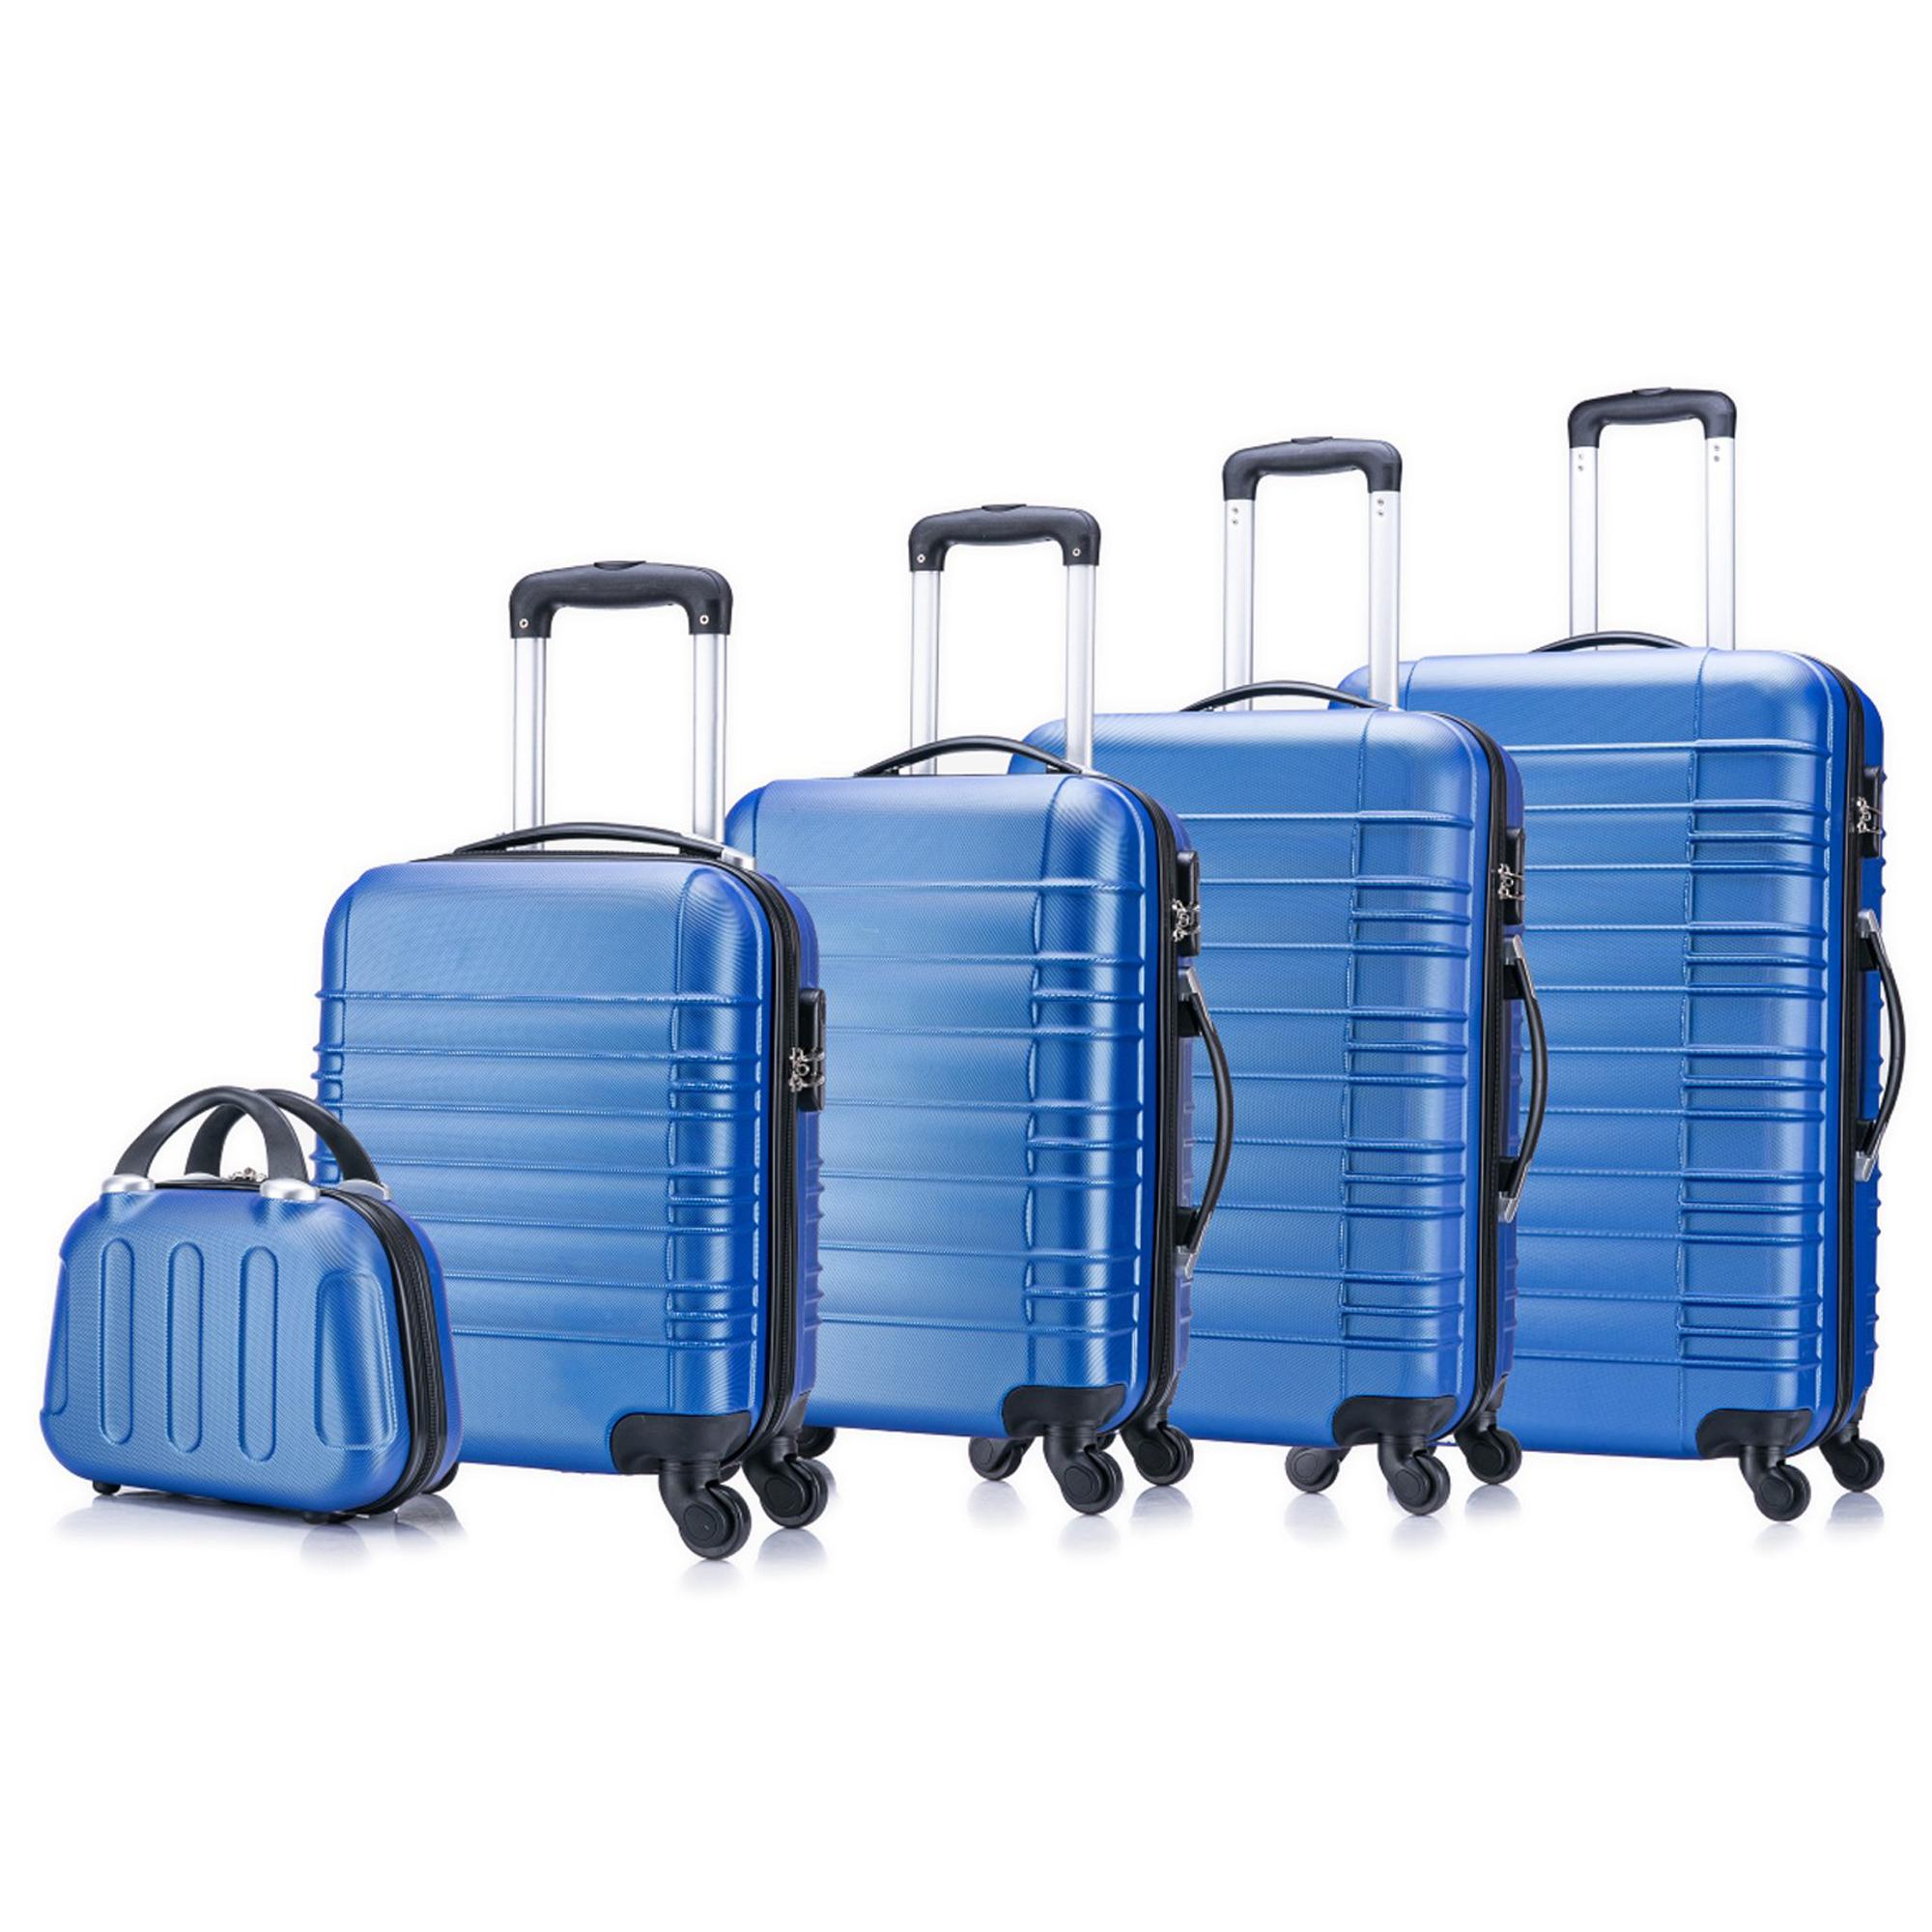 5 teiliges Koffer Set Hartschalenkoffer in 5 Farben - 18